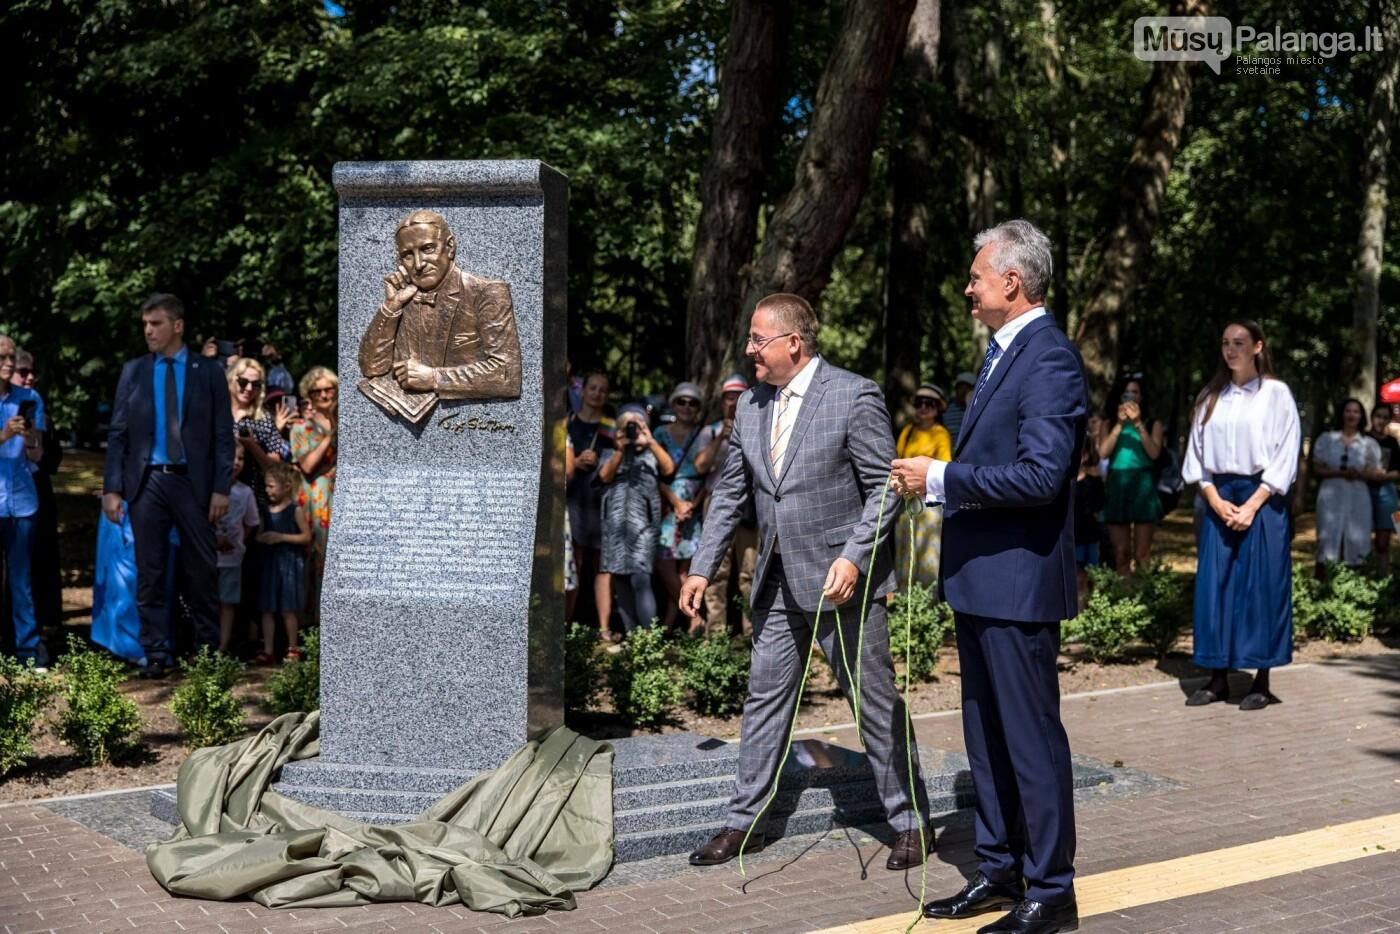 Skulptūros, skirtos Dž. J. Simpsonui ir Derybinei grupei dėl Palangos grąžinimo Lietuvai įamžinti, atidarymas, nuotrauka-32